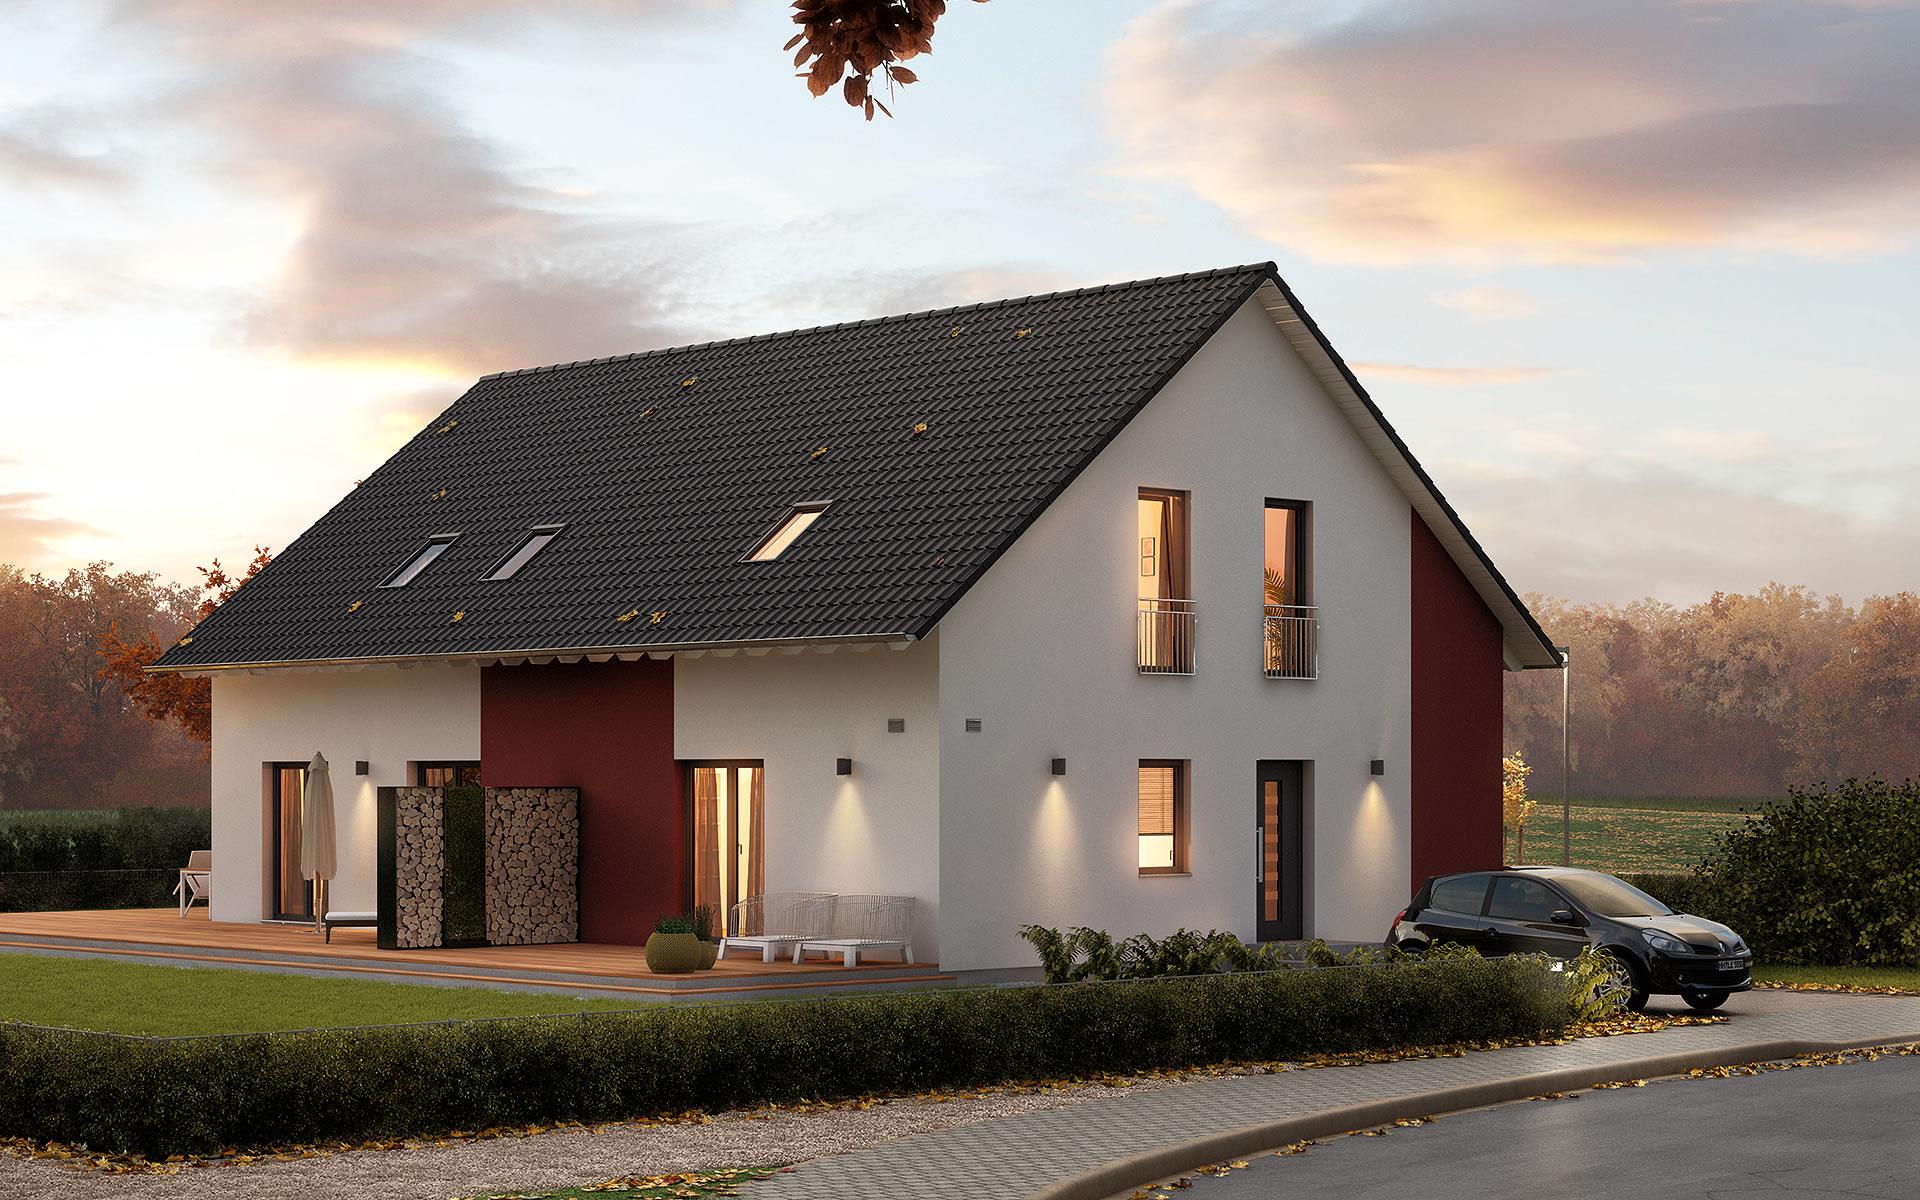 FamilyStyle 26.01 S von massa haus GmbH